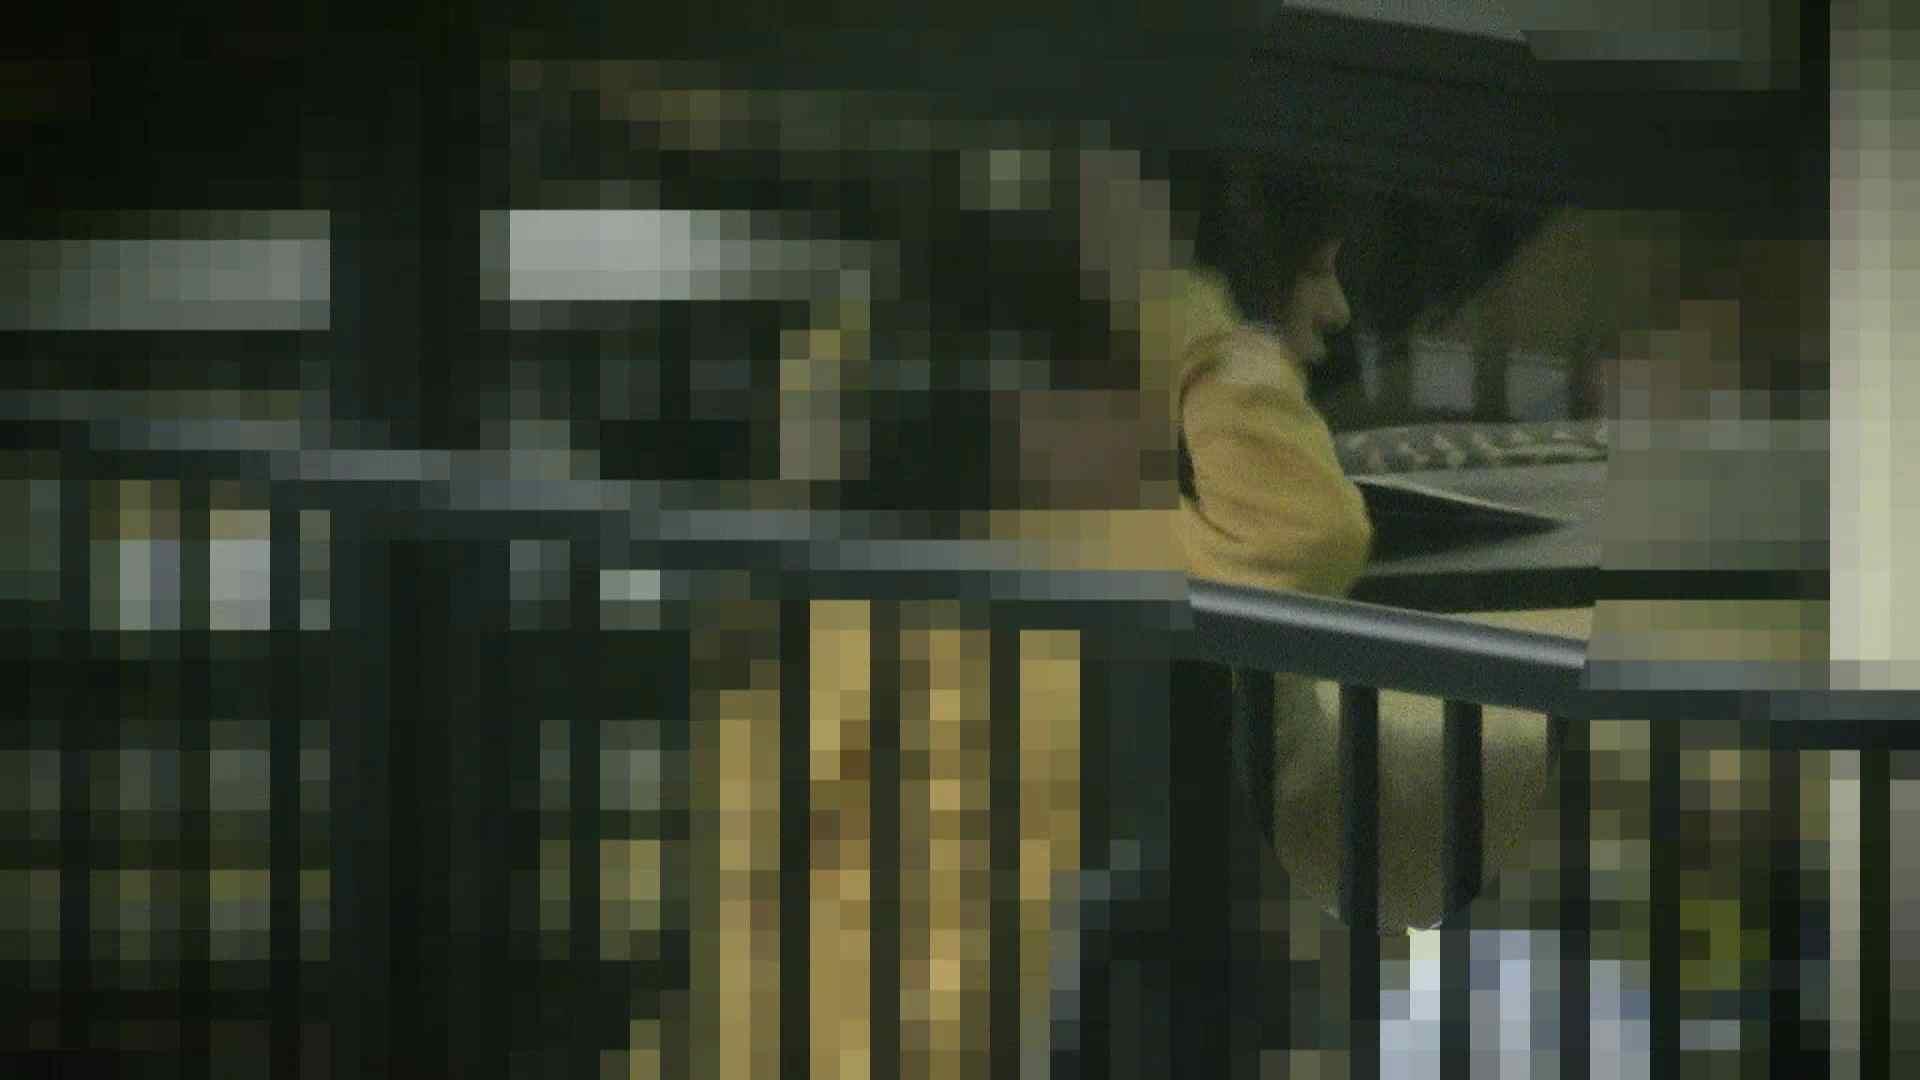 高画質露天女風呂観察 vol.006 OLのエロ生活 隠し撮りオマンコ動画紹介 60連発 9